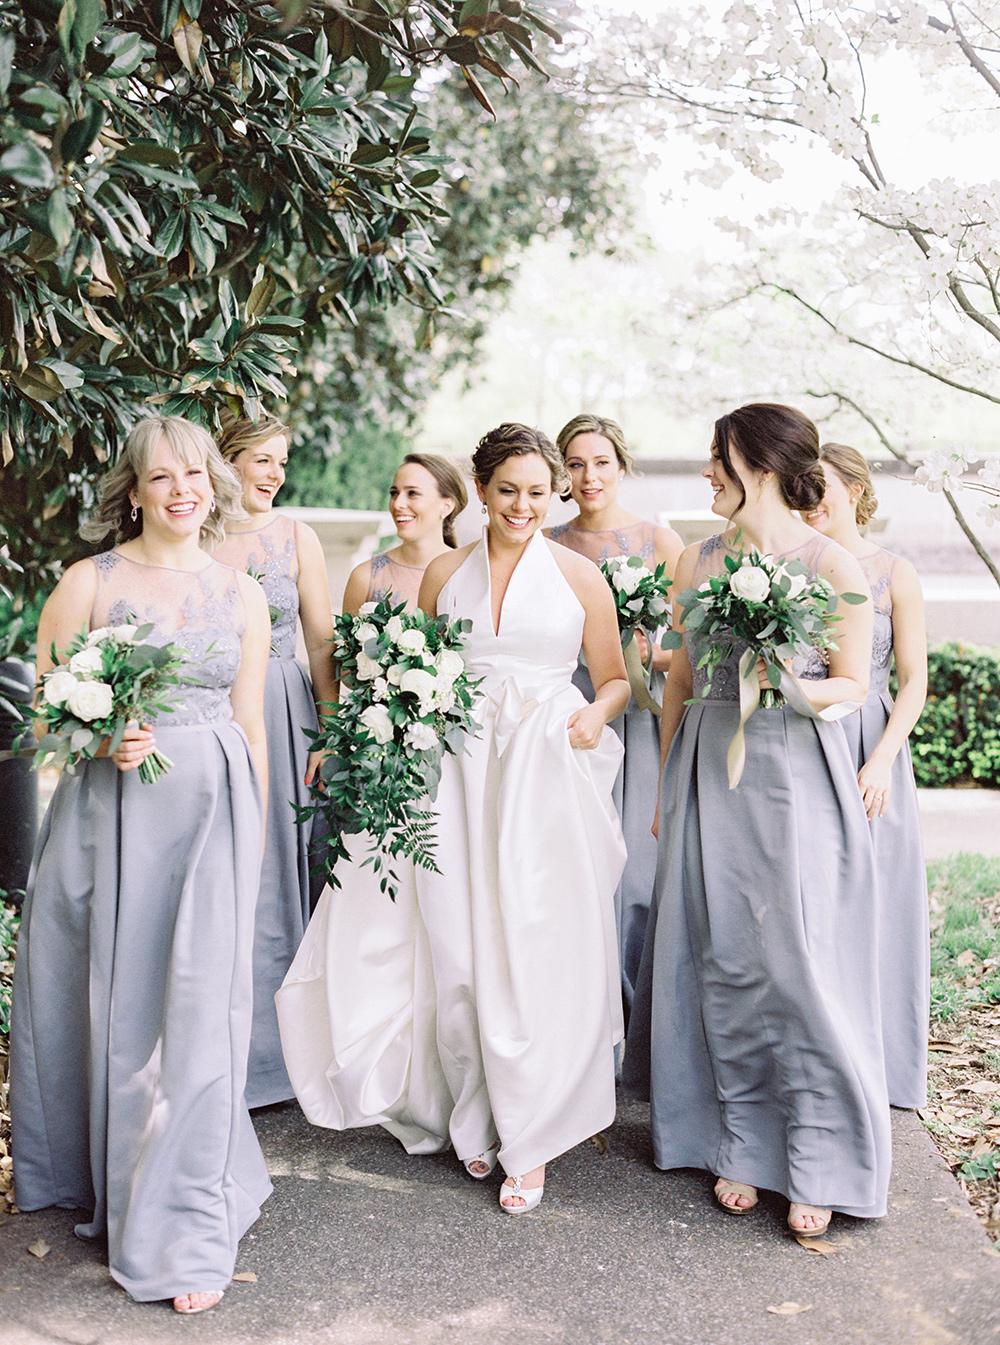 Gleichert-Bridal-Party-031x1000.jpg